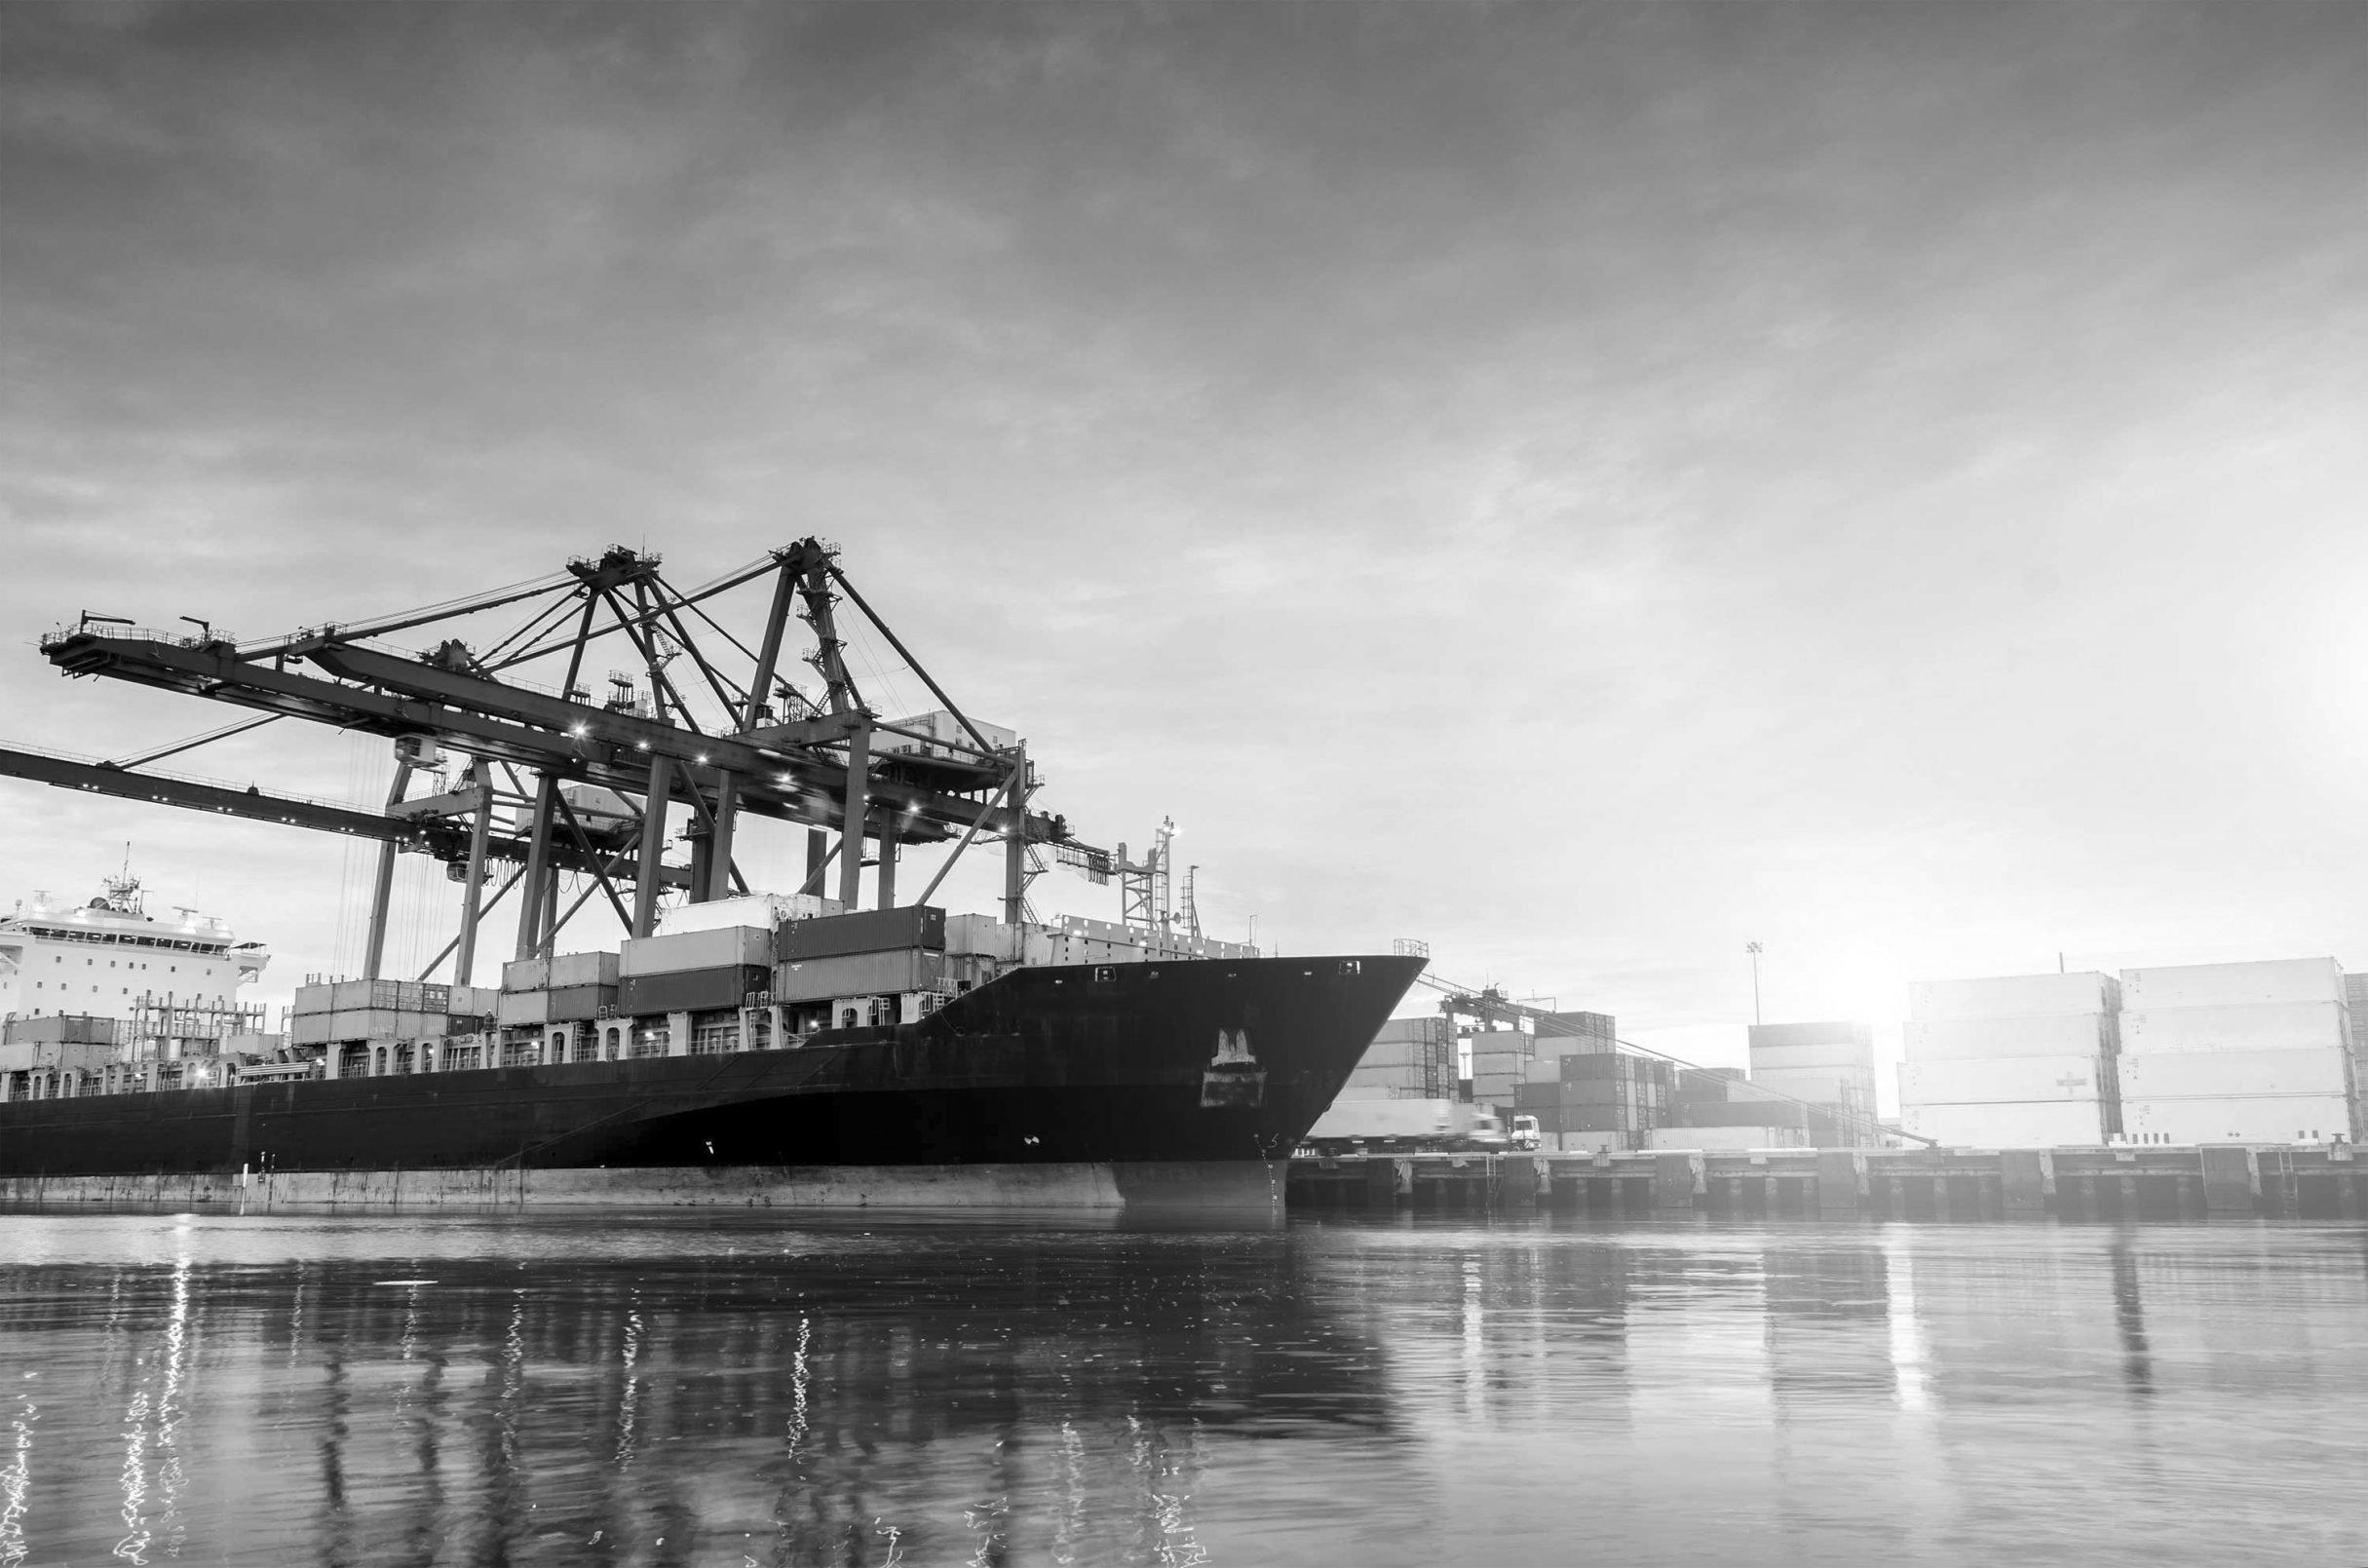 Accso unterstützt das Bundesamt für Wirtschaft und Ausfuhrkontrolle - BAFA